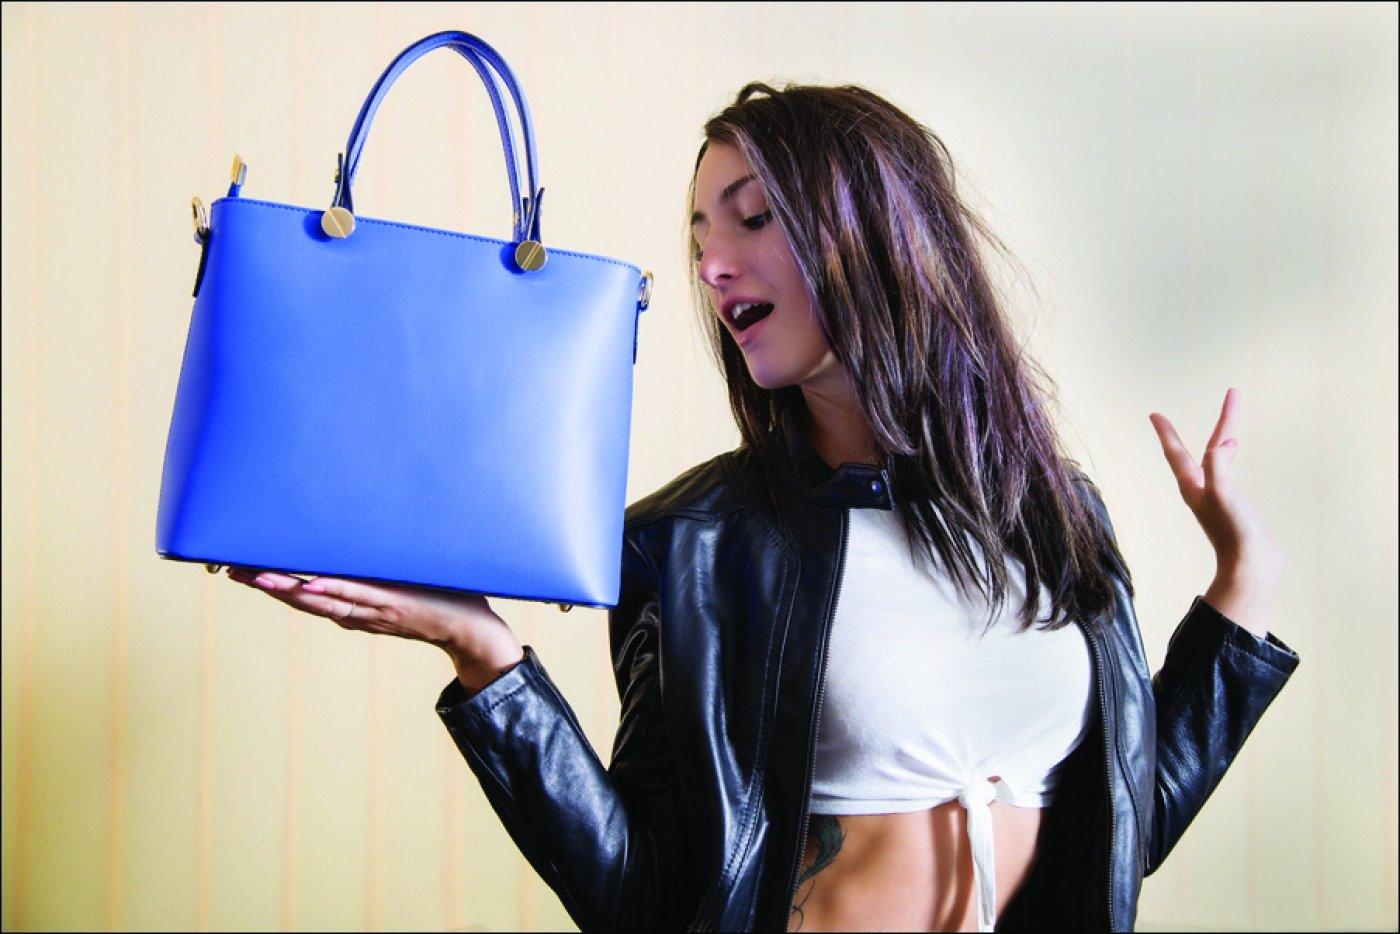 547fc8f24b Pelletteria Atena private label italy - LL Leather & Luxury Magazine